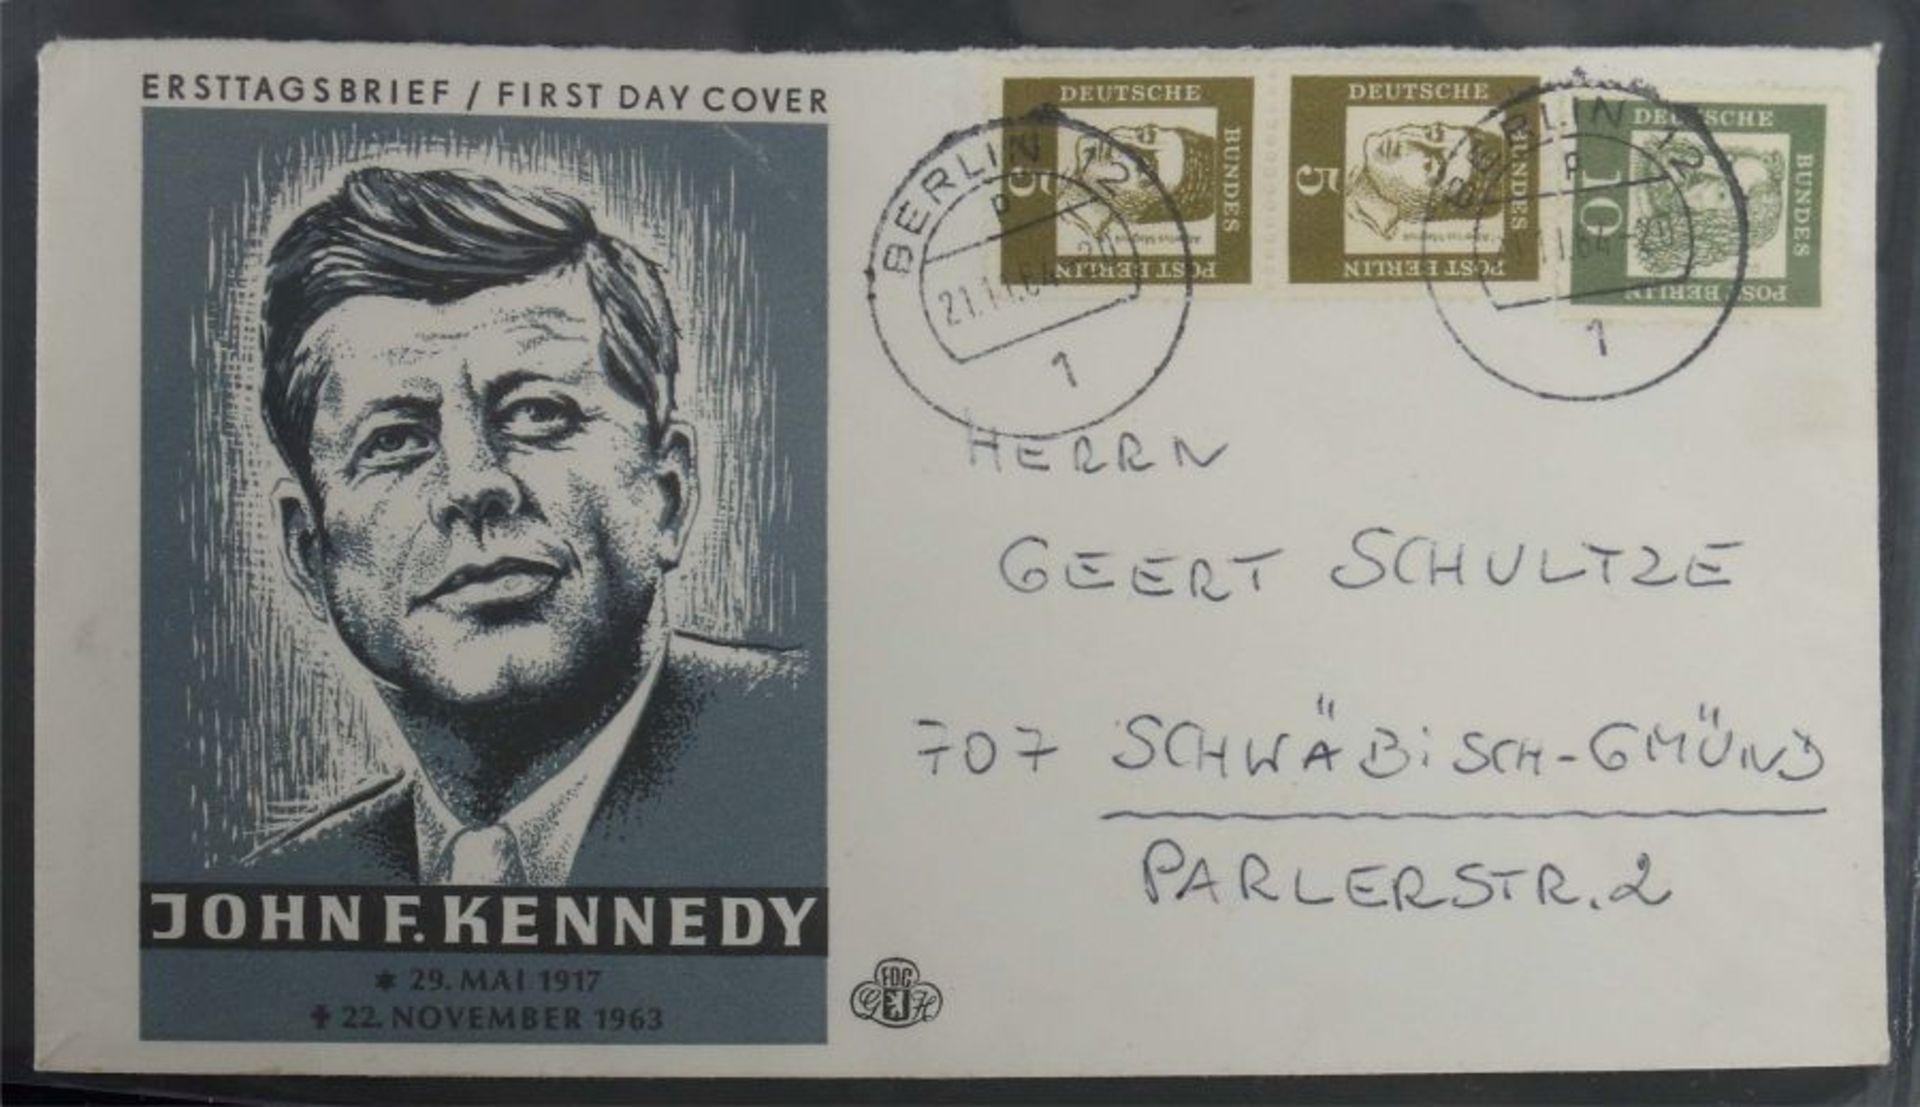 Kleine Postkarten-Sammlung mit ca. 10 handgeschriebenen Briefen um ca. 1900, ca. 55 Postkarten - Bild 7 aus 7